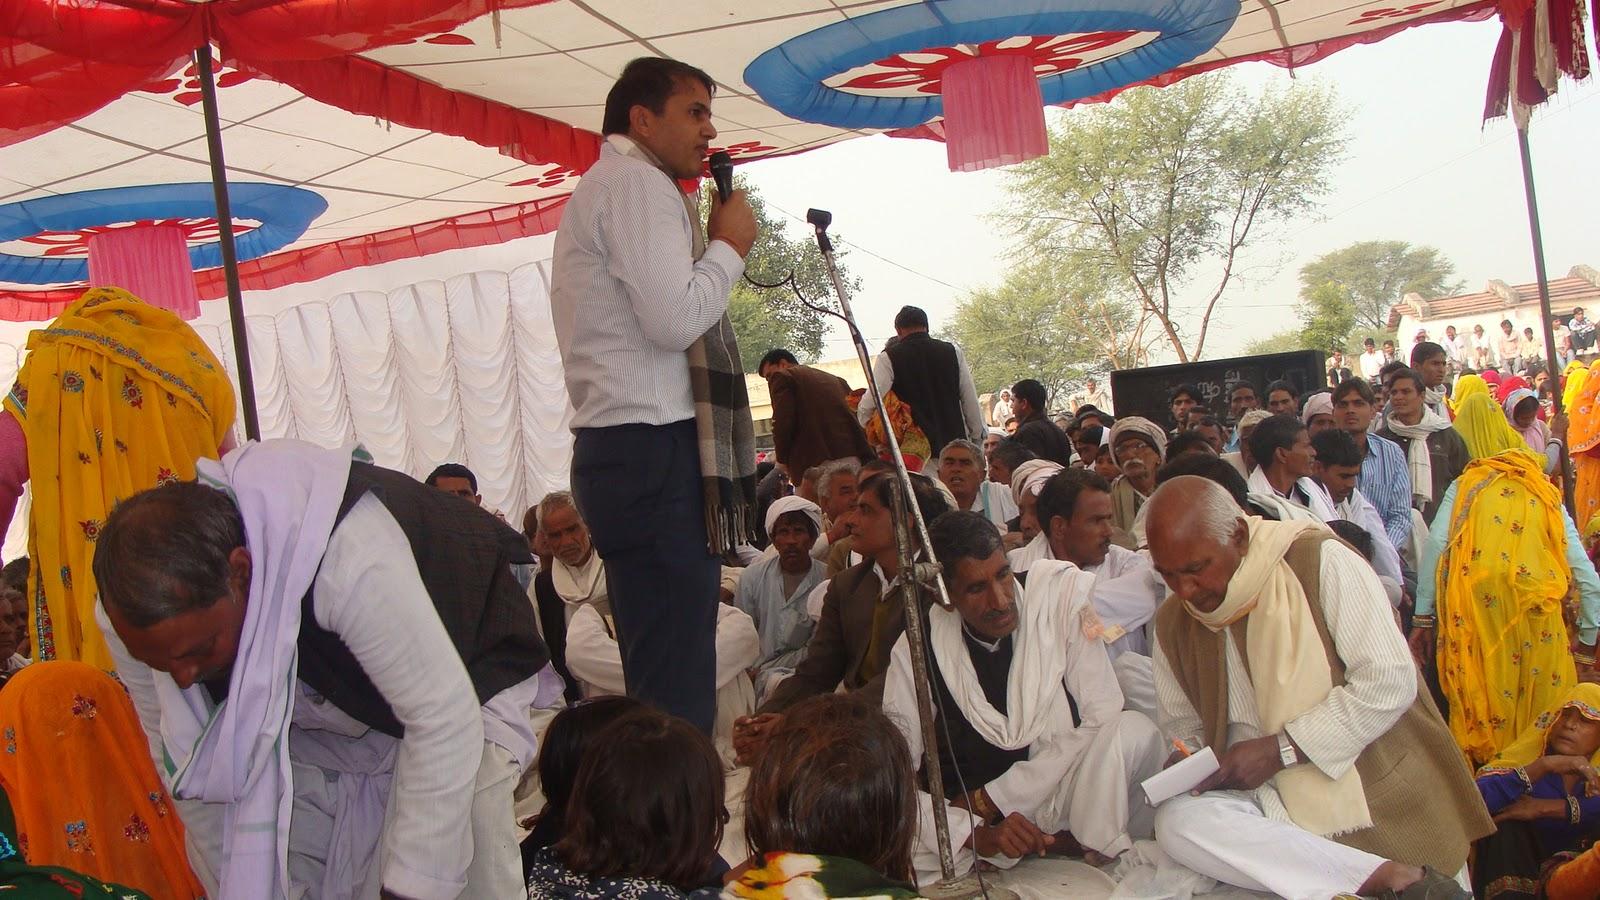 Karauli District Villages Karauli District in